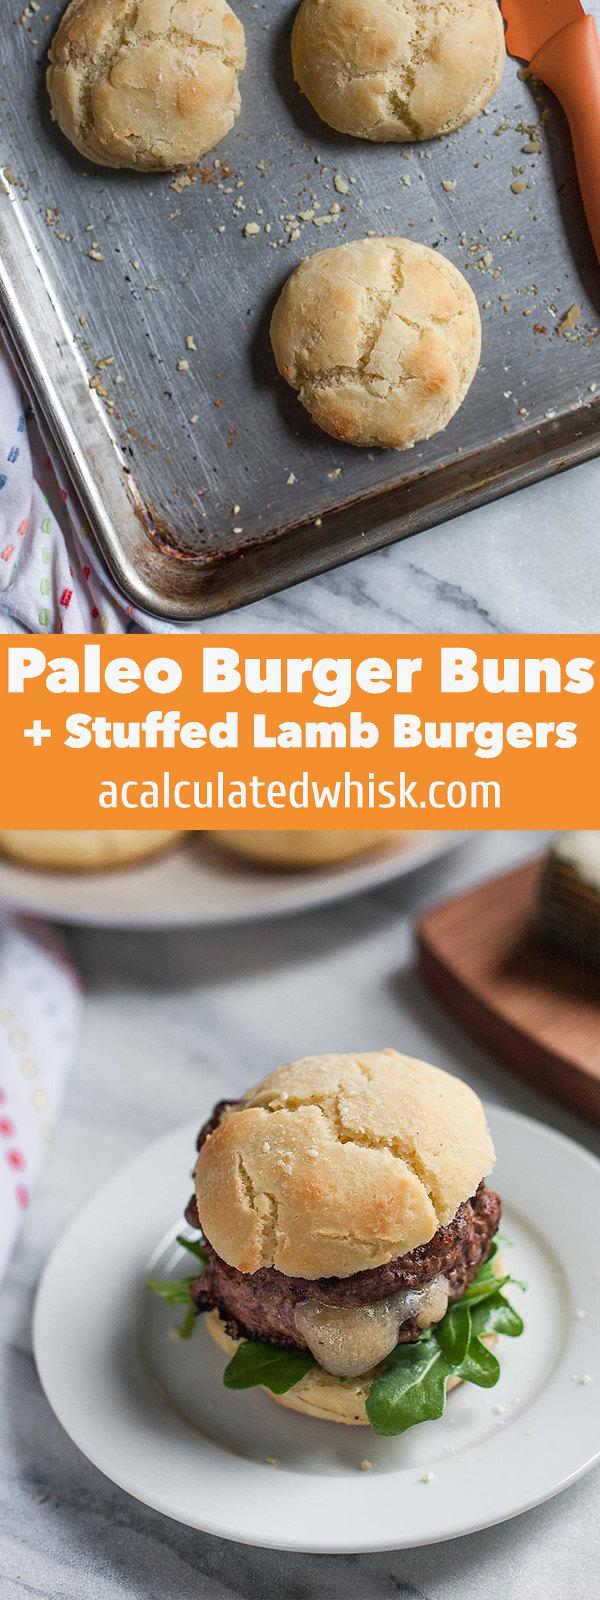 Hamburguesas de Cordero Rellenas + Paleo Burger Buns